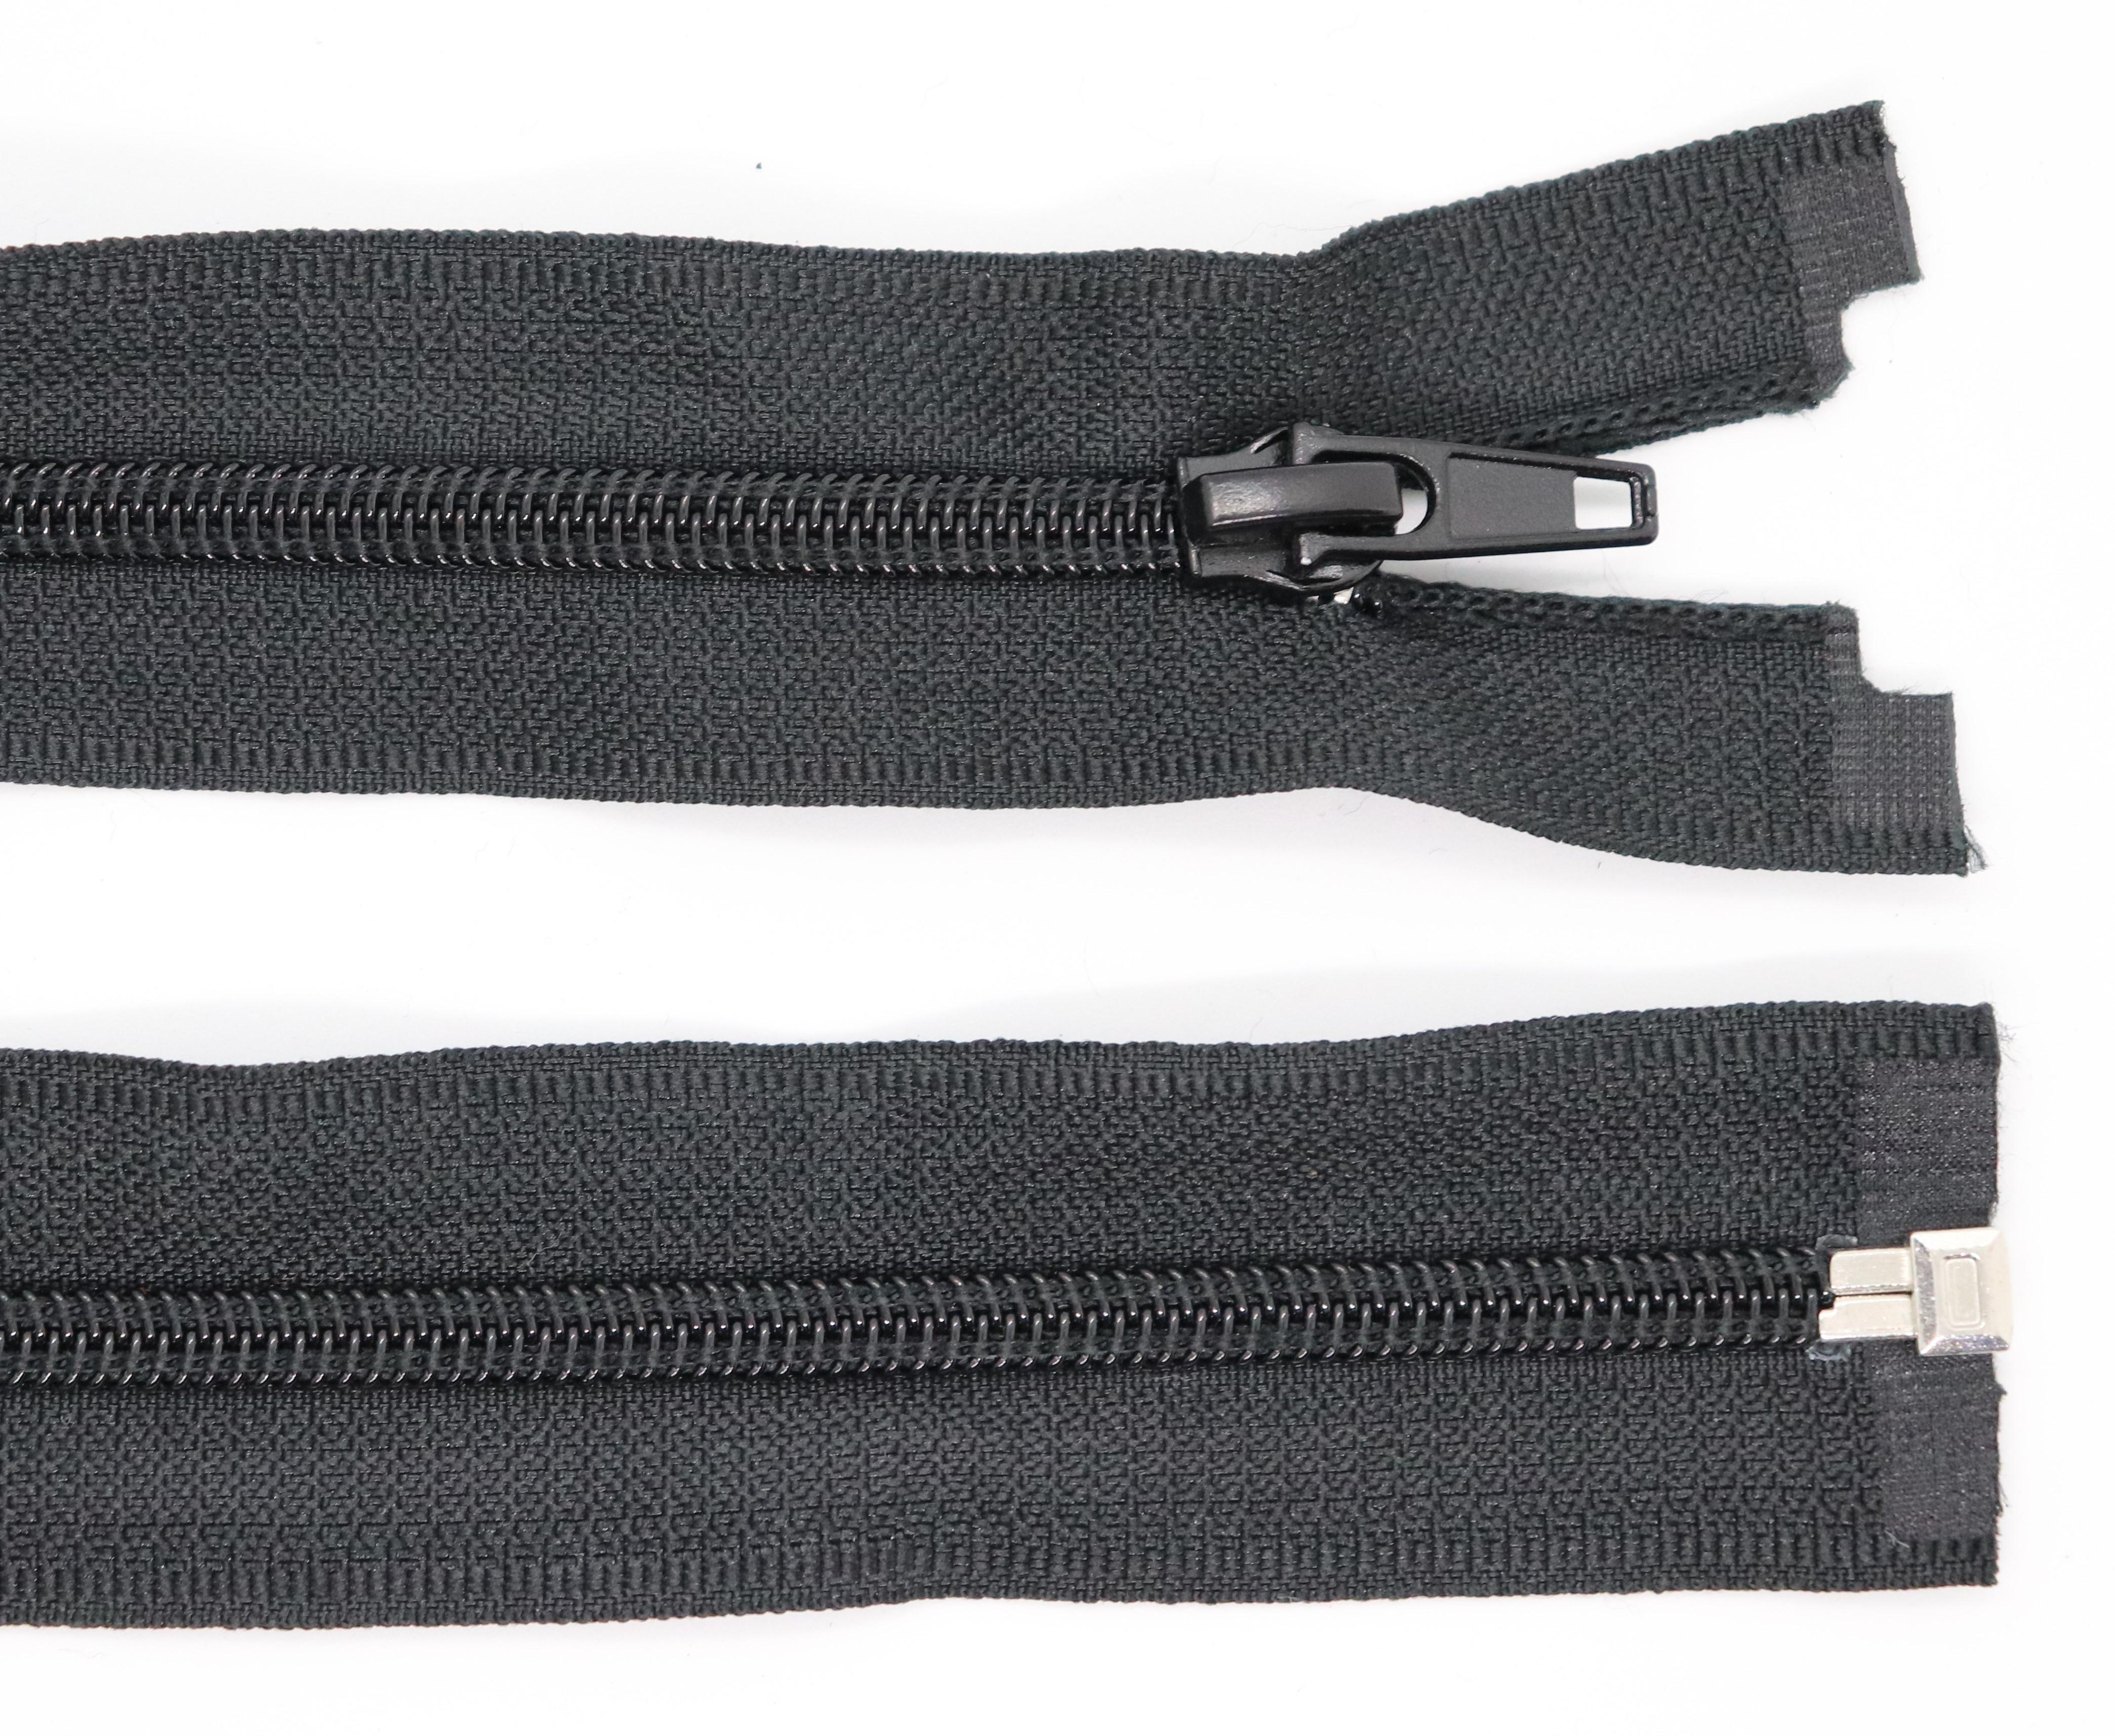 Spirálový zip šíøe 5 mm délka 65 cm dìlitelný - zvìtšit obrázek